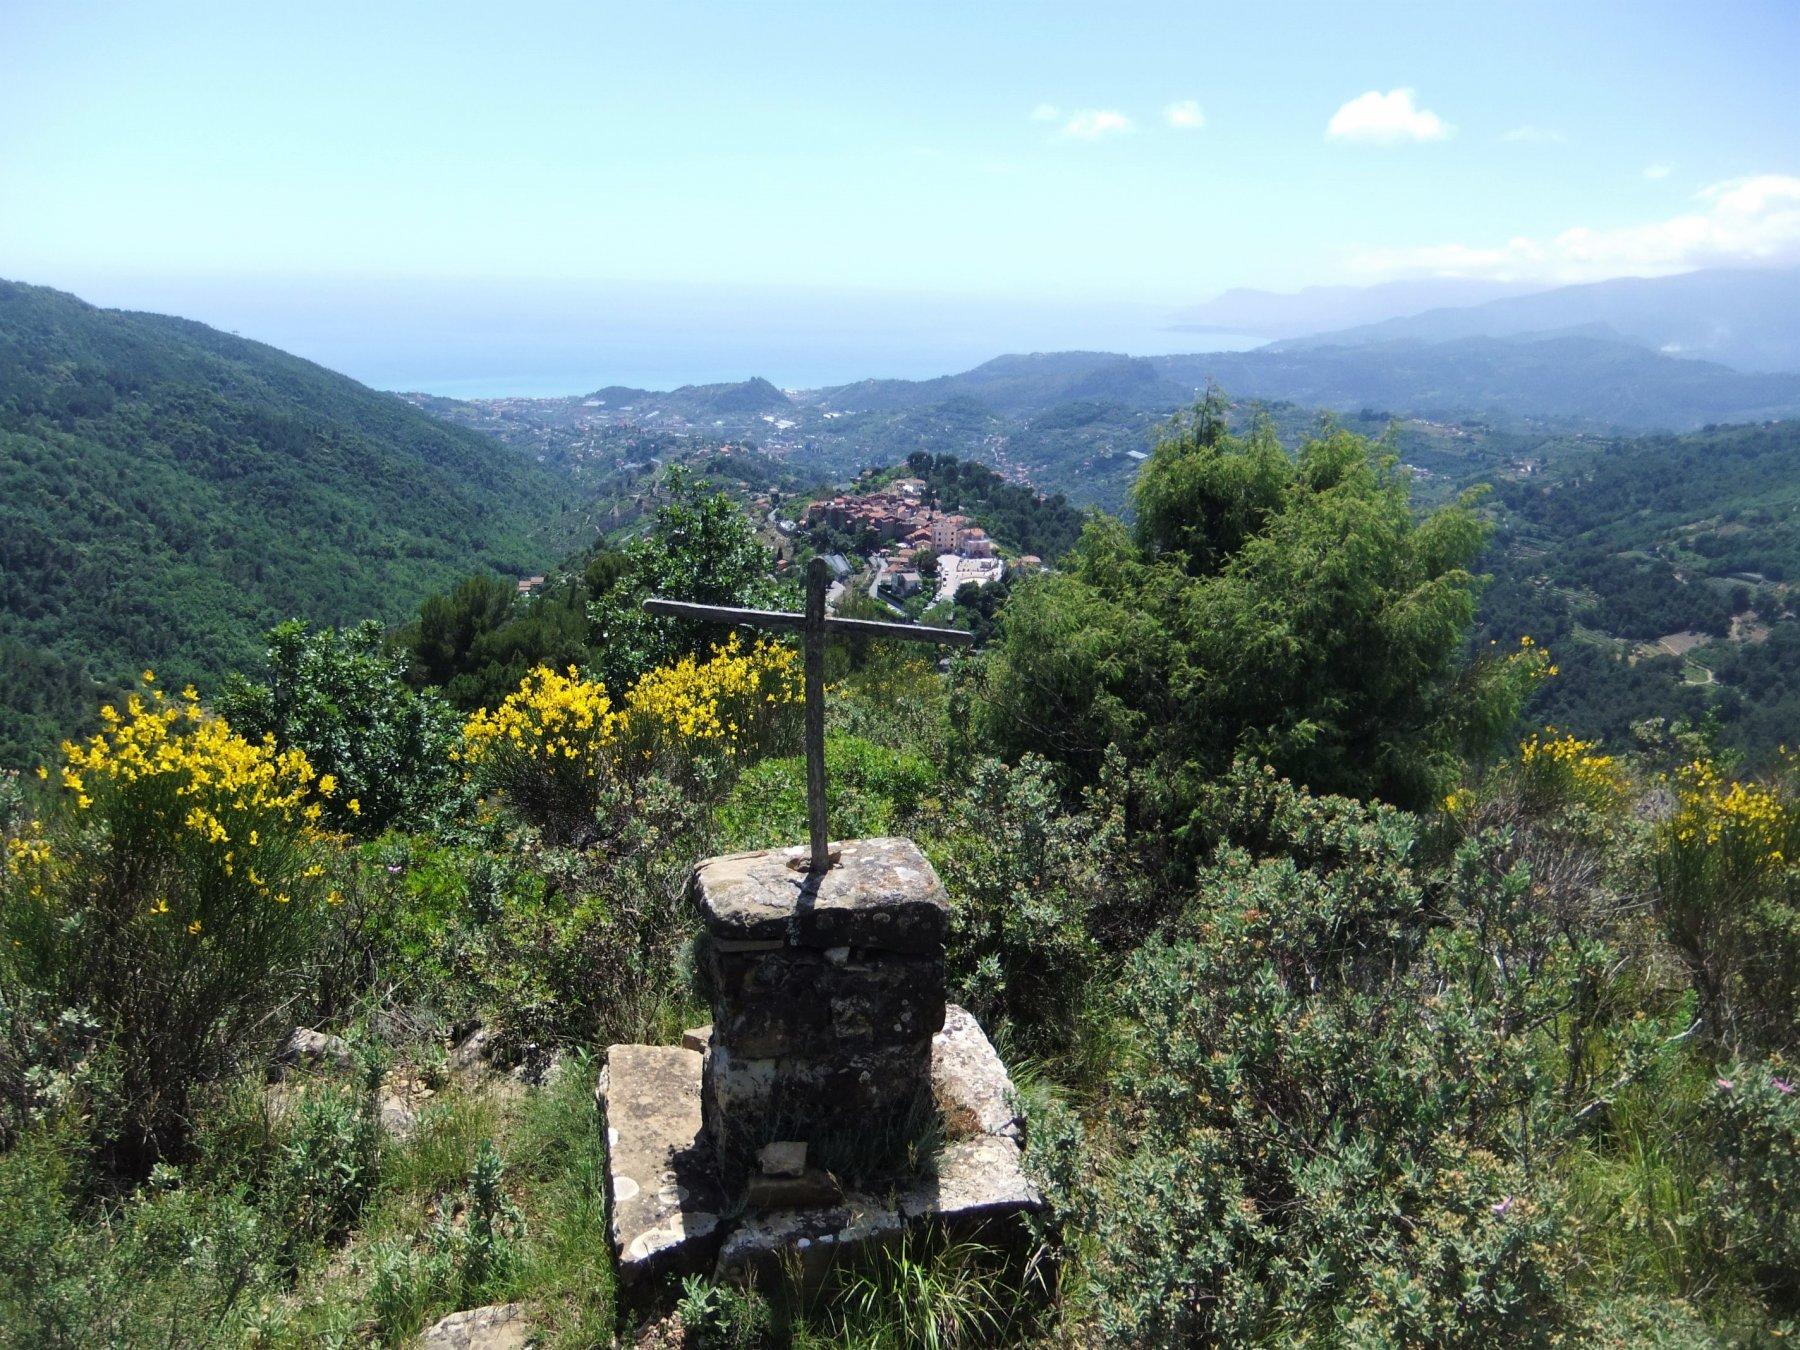 Bignone (Monte) da Seborga 2020-06-06